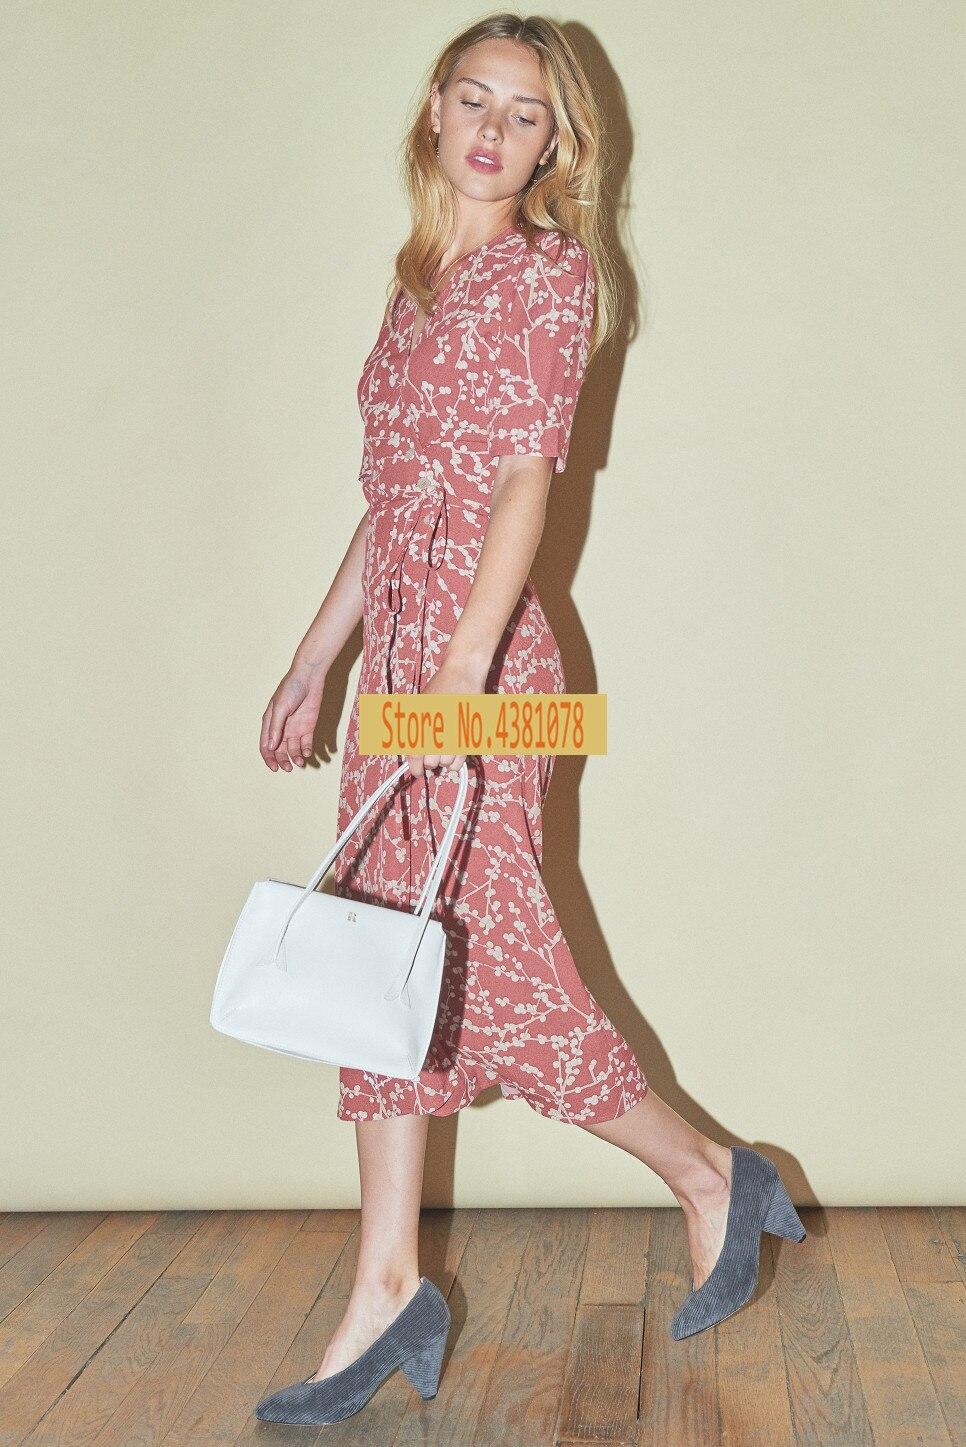 Französisch Wrap Midi alt rosa hortensien gedruckt hohe taille gürtel wrap midi kleid-in Kleider aus Damenbekleidung bei  Gruppe 1